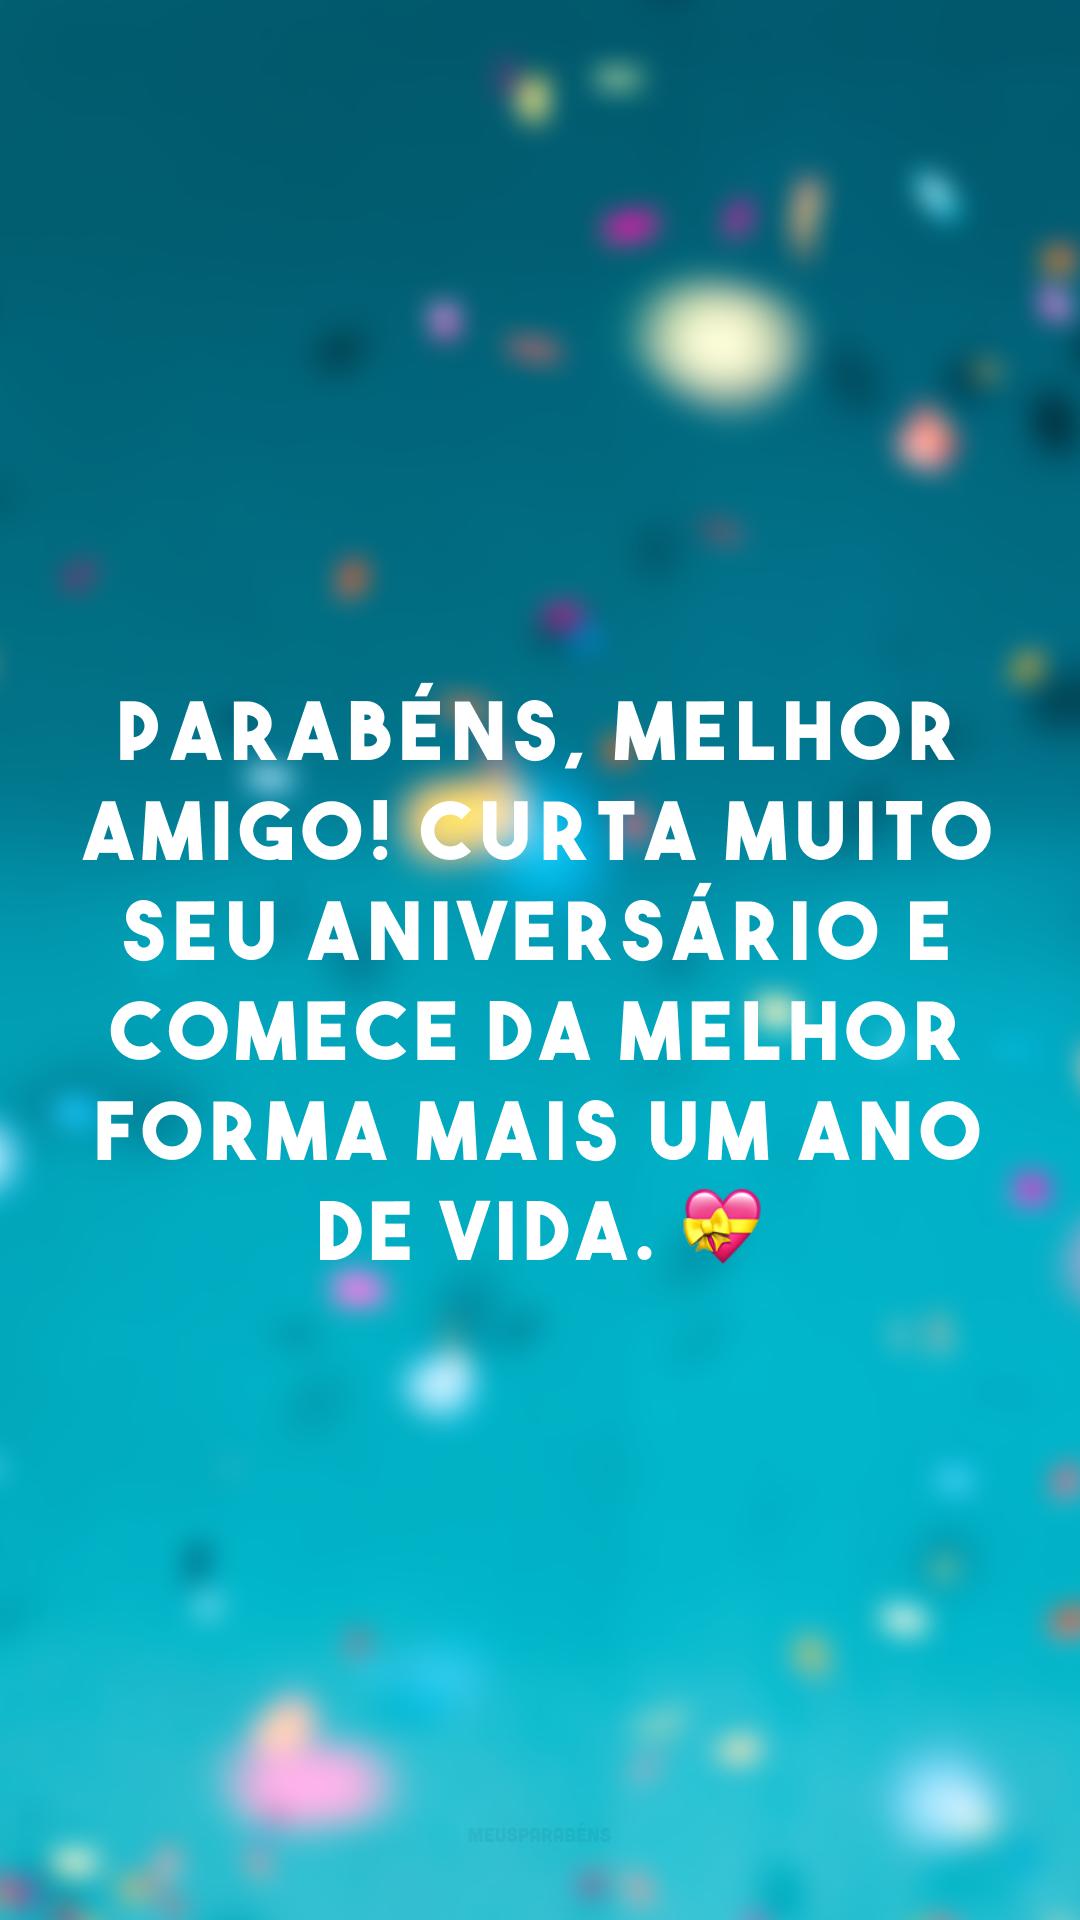 Parabéns, melhor amigo! Curta muito seu aniversário e comece da melhor forma mais um ano de vida. 💝